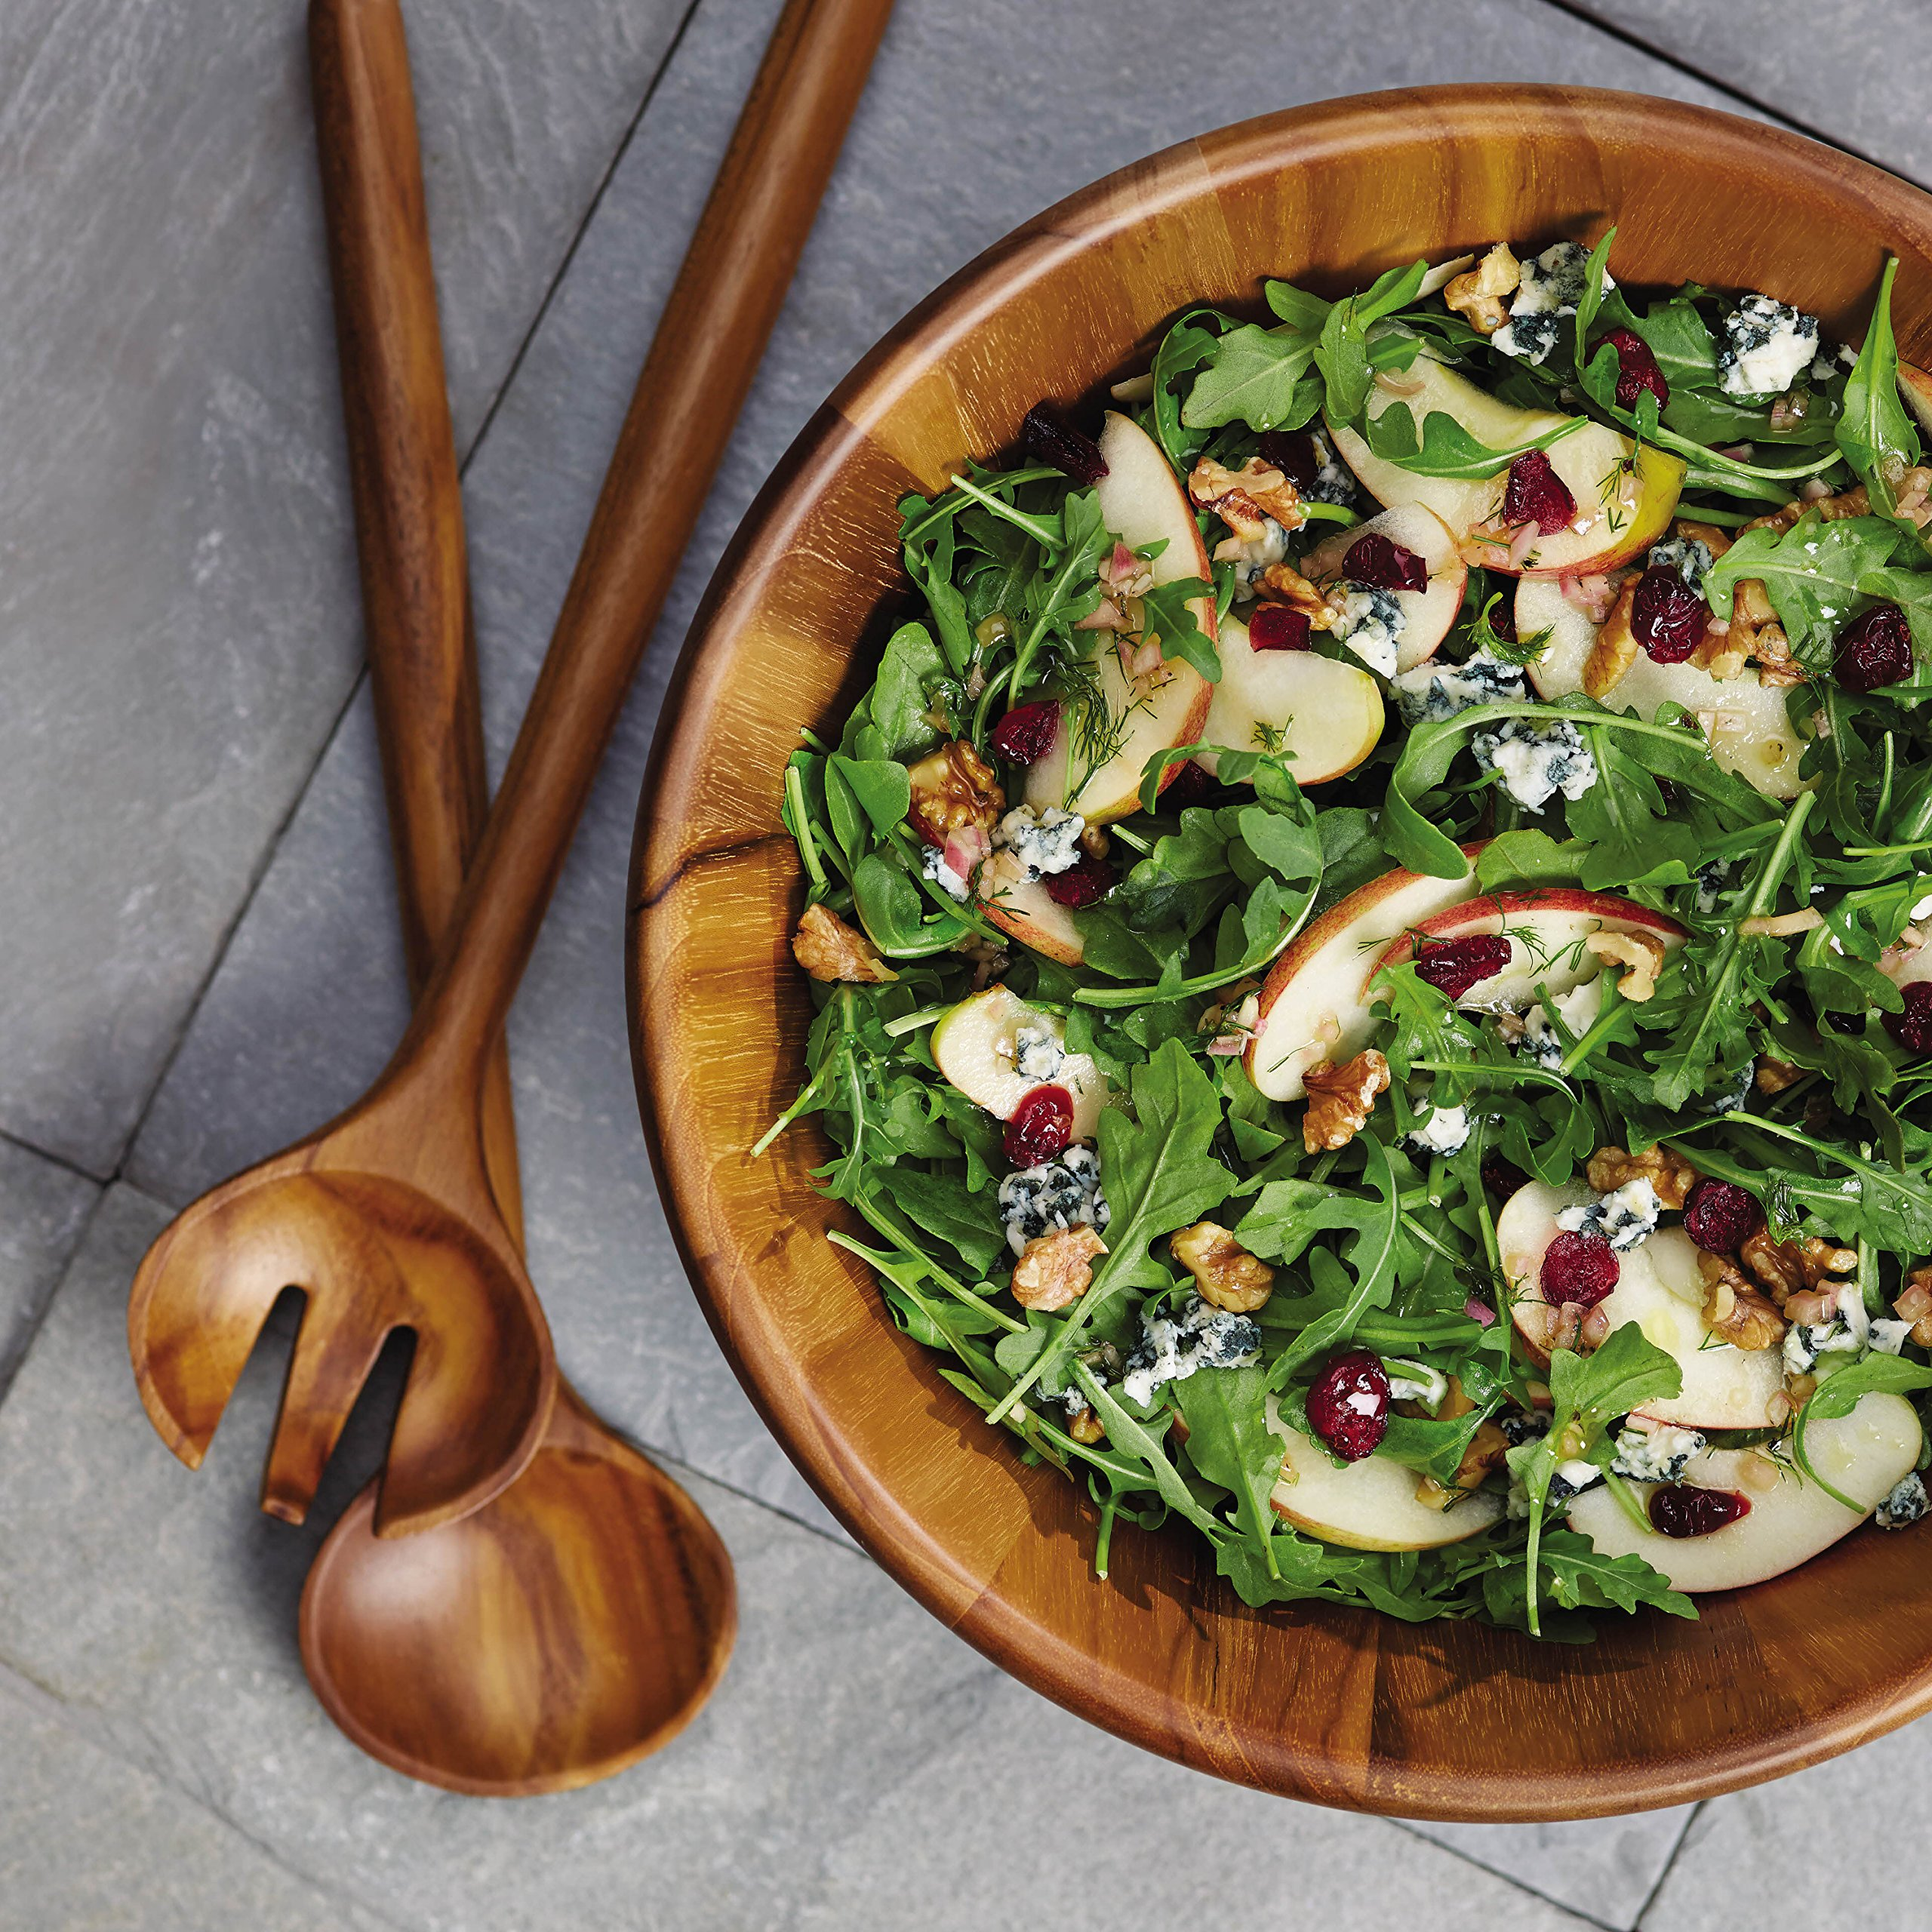 Anolon 46086 Pantryware 3 Piece Salad Set Wood by Anolon (Image #6)